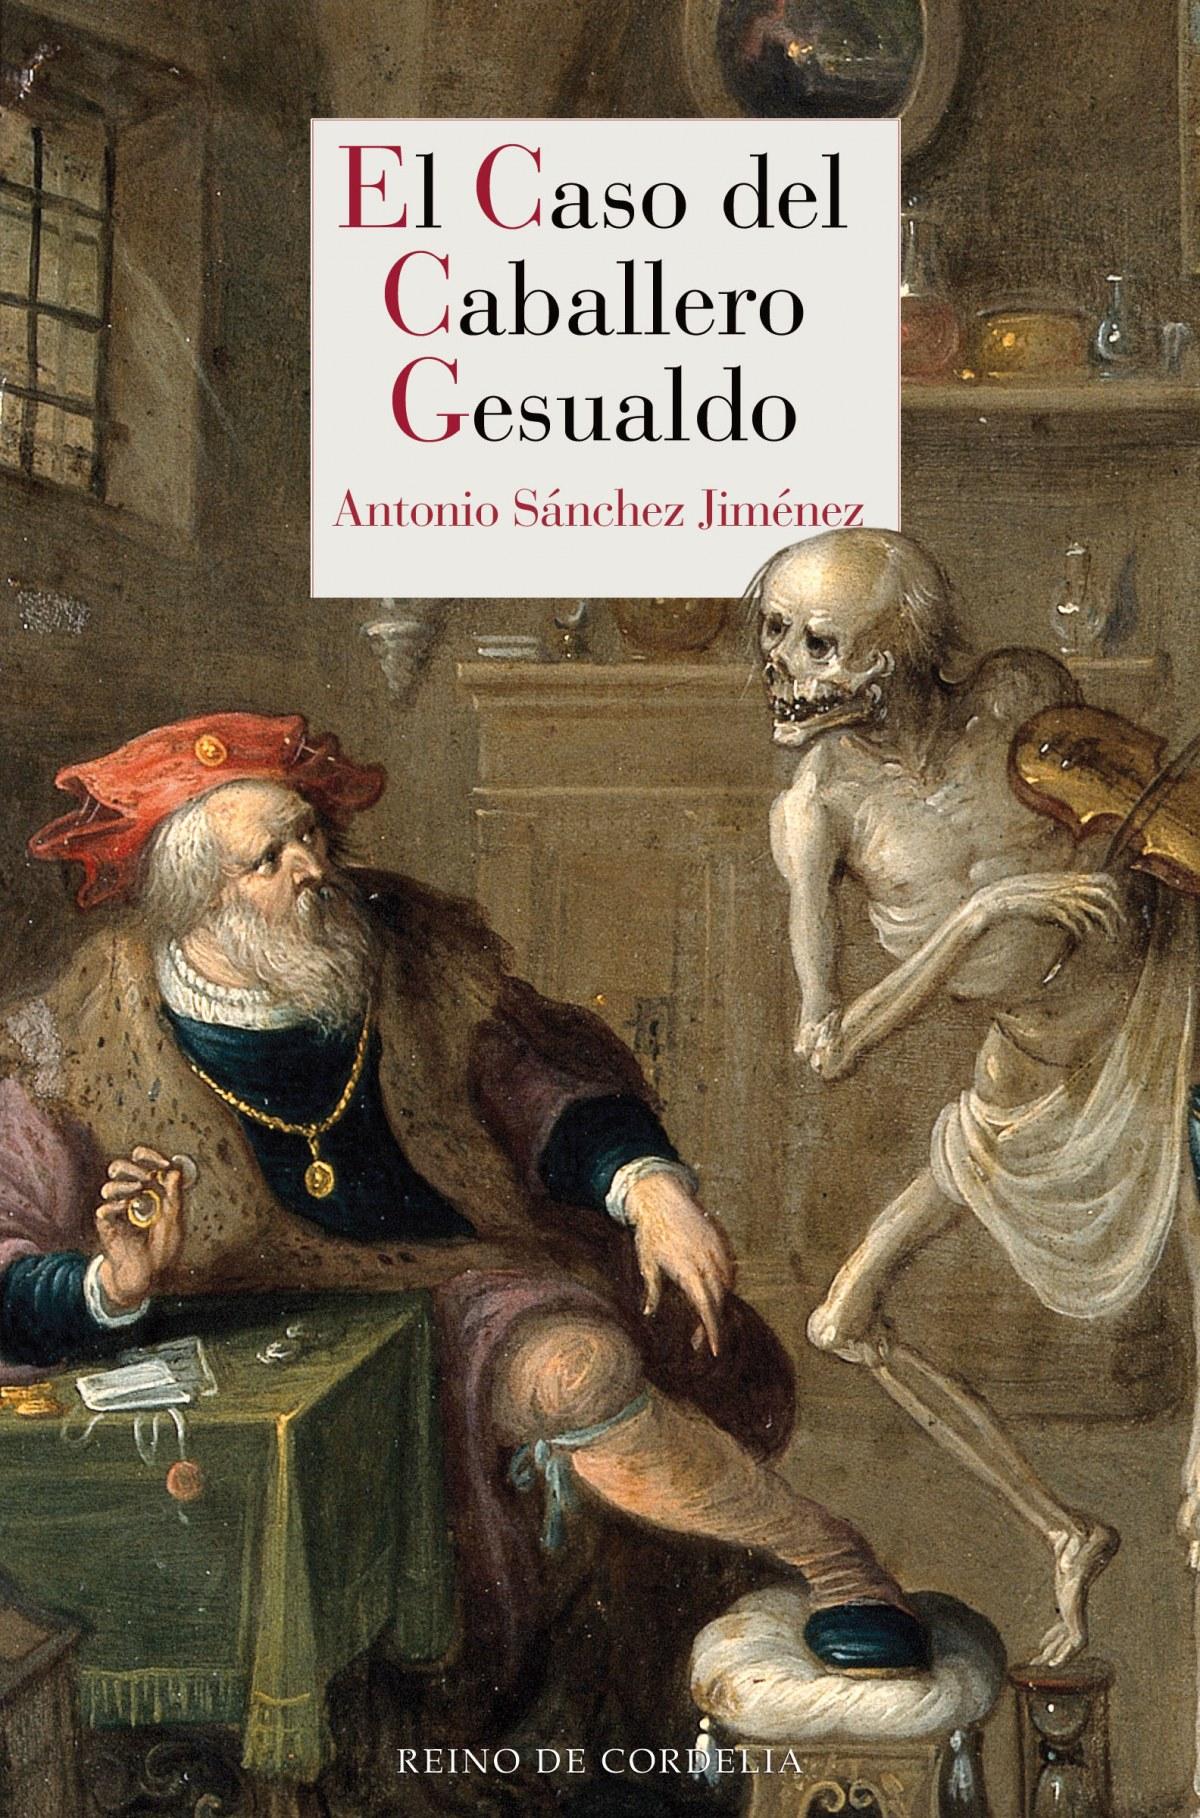 El caso del caballero Gesualdo